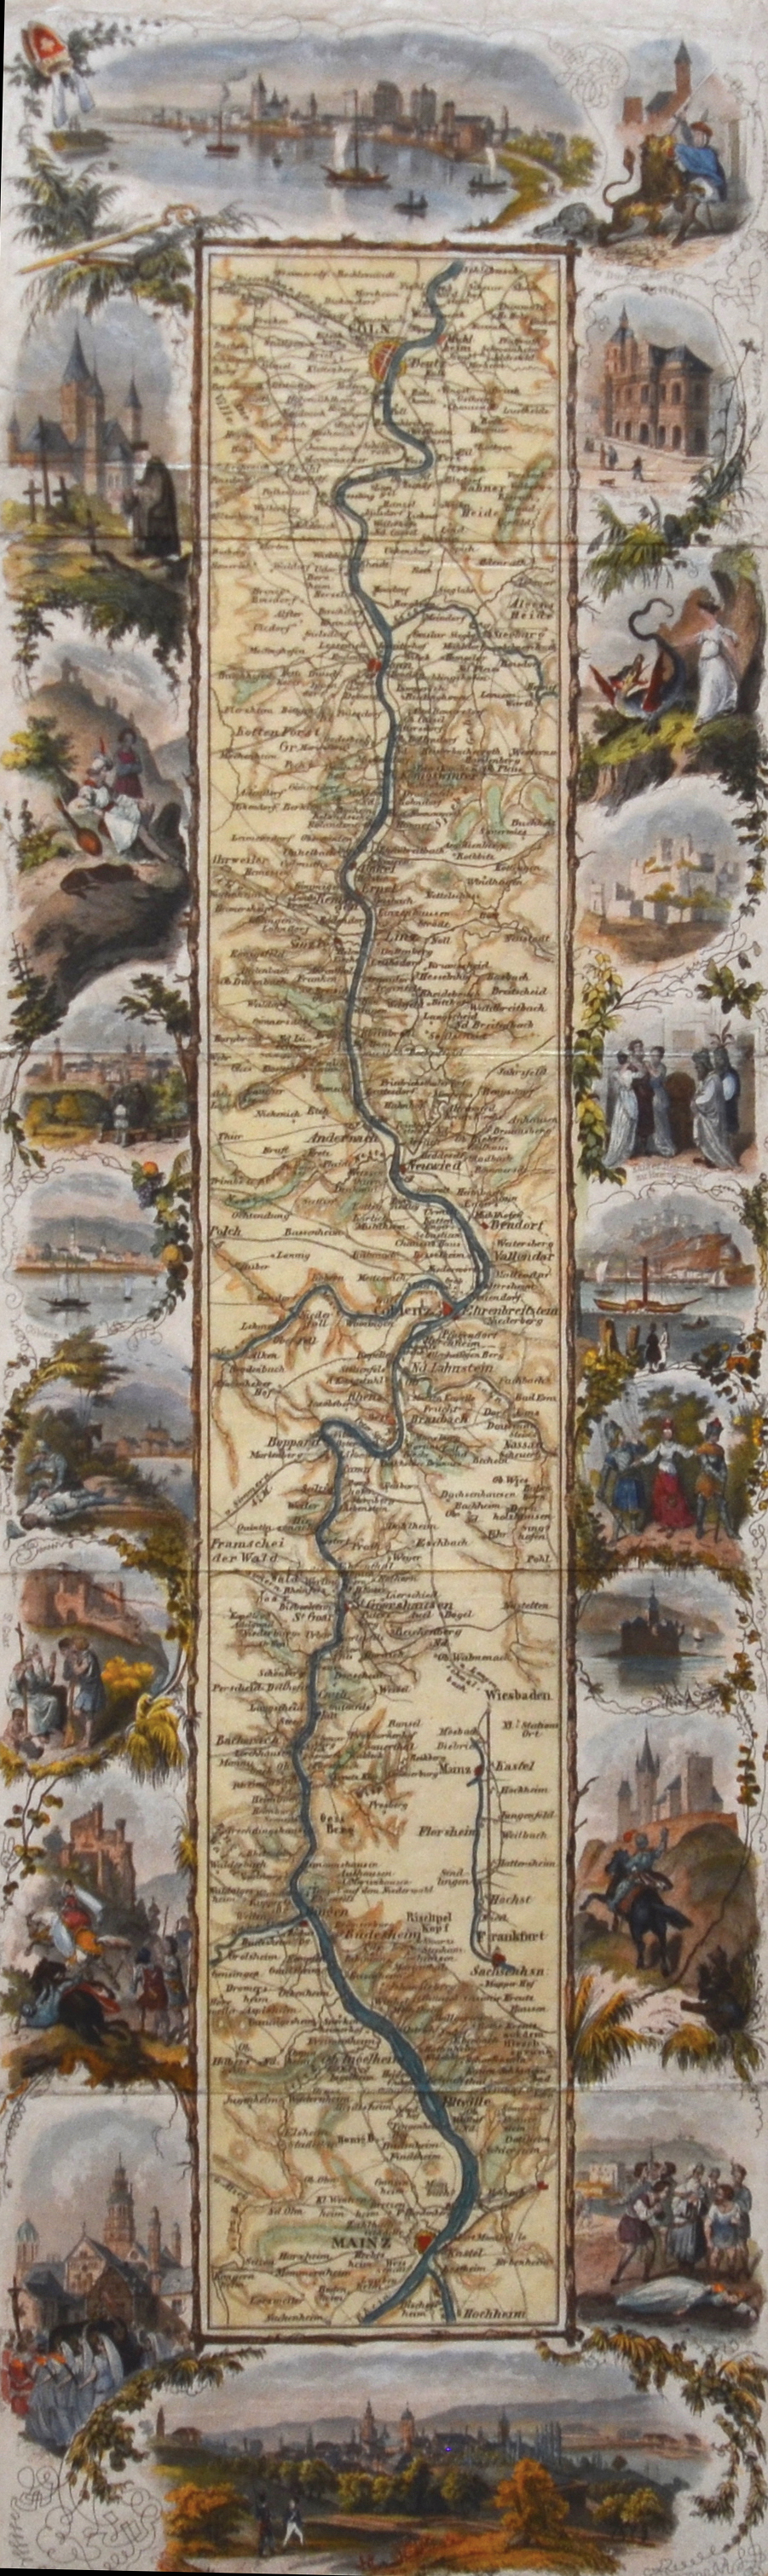 Dondorf B. no title, Rheinlauf